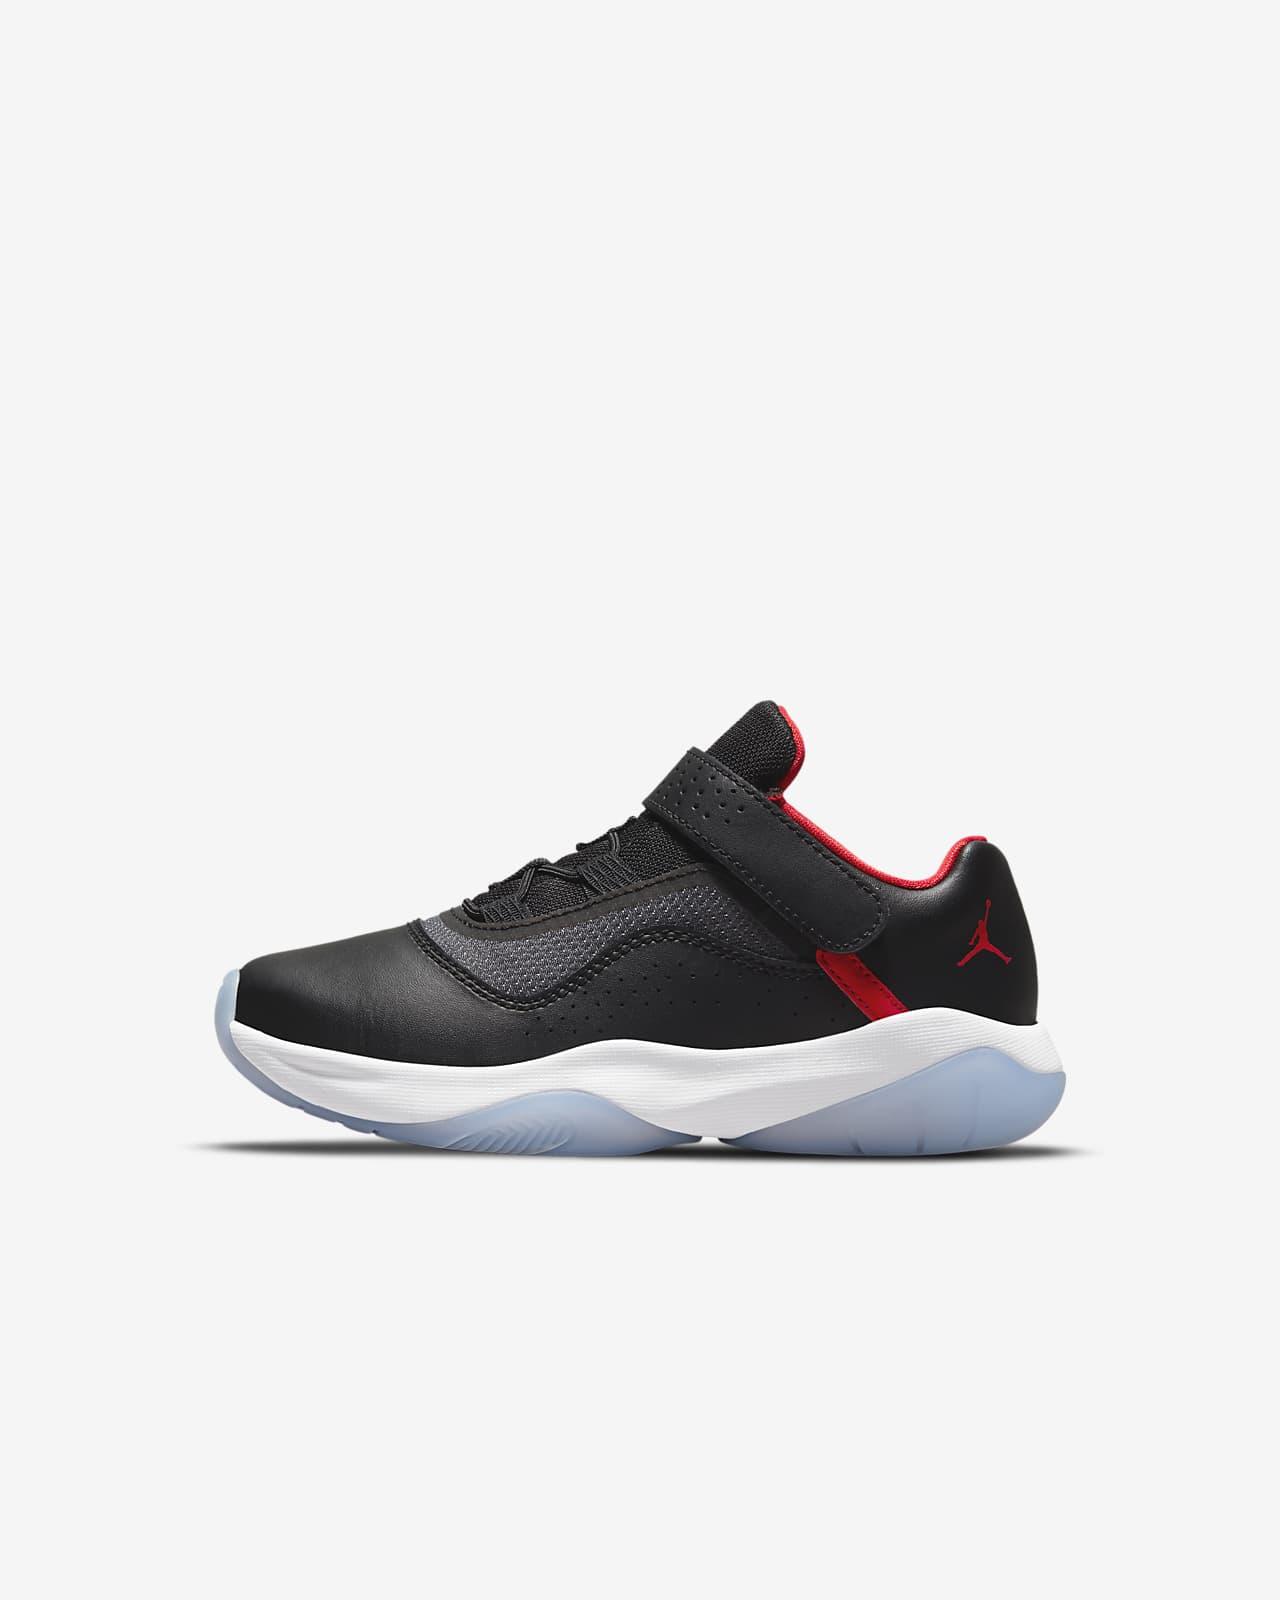 Chaussure Jordan 11 CMFT Low pour Jeune enfant